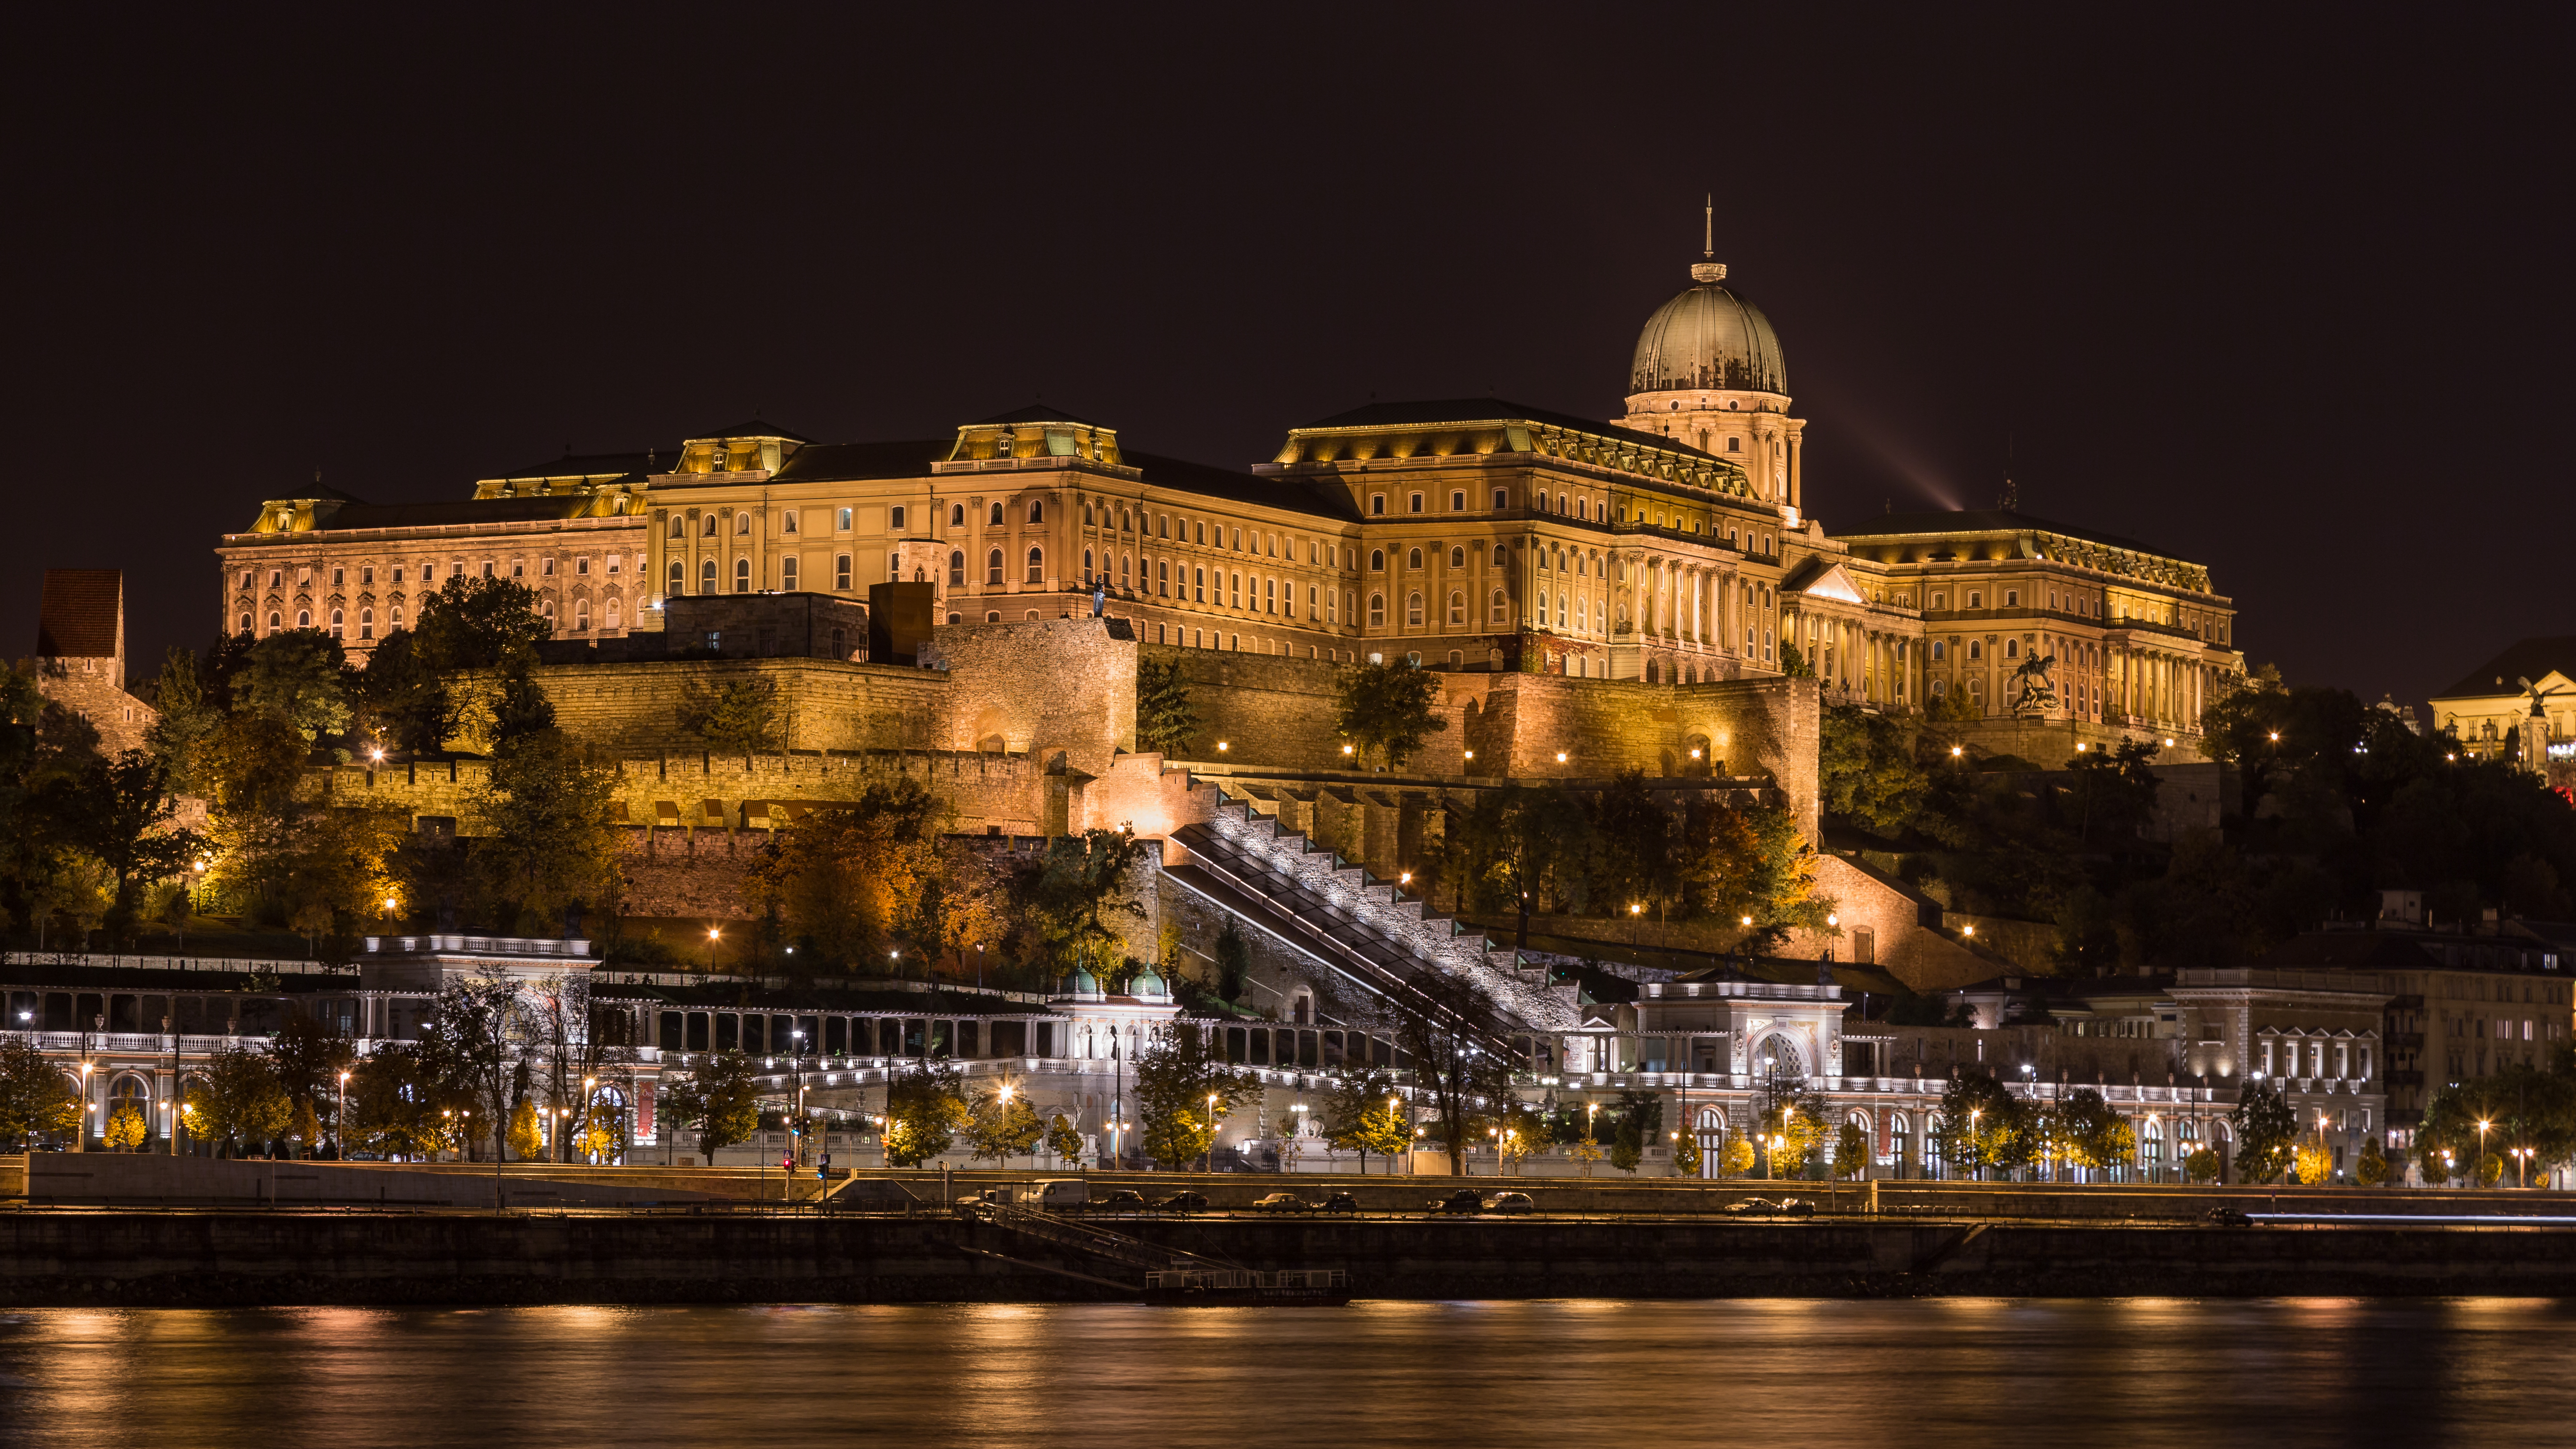 Buda Castle and Castle Garden Bazaar • Budapest, Hungary